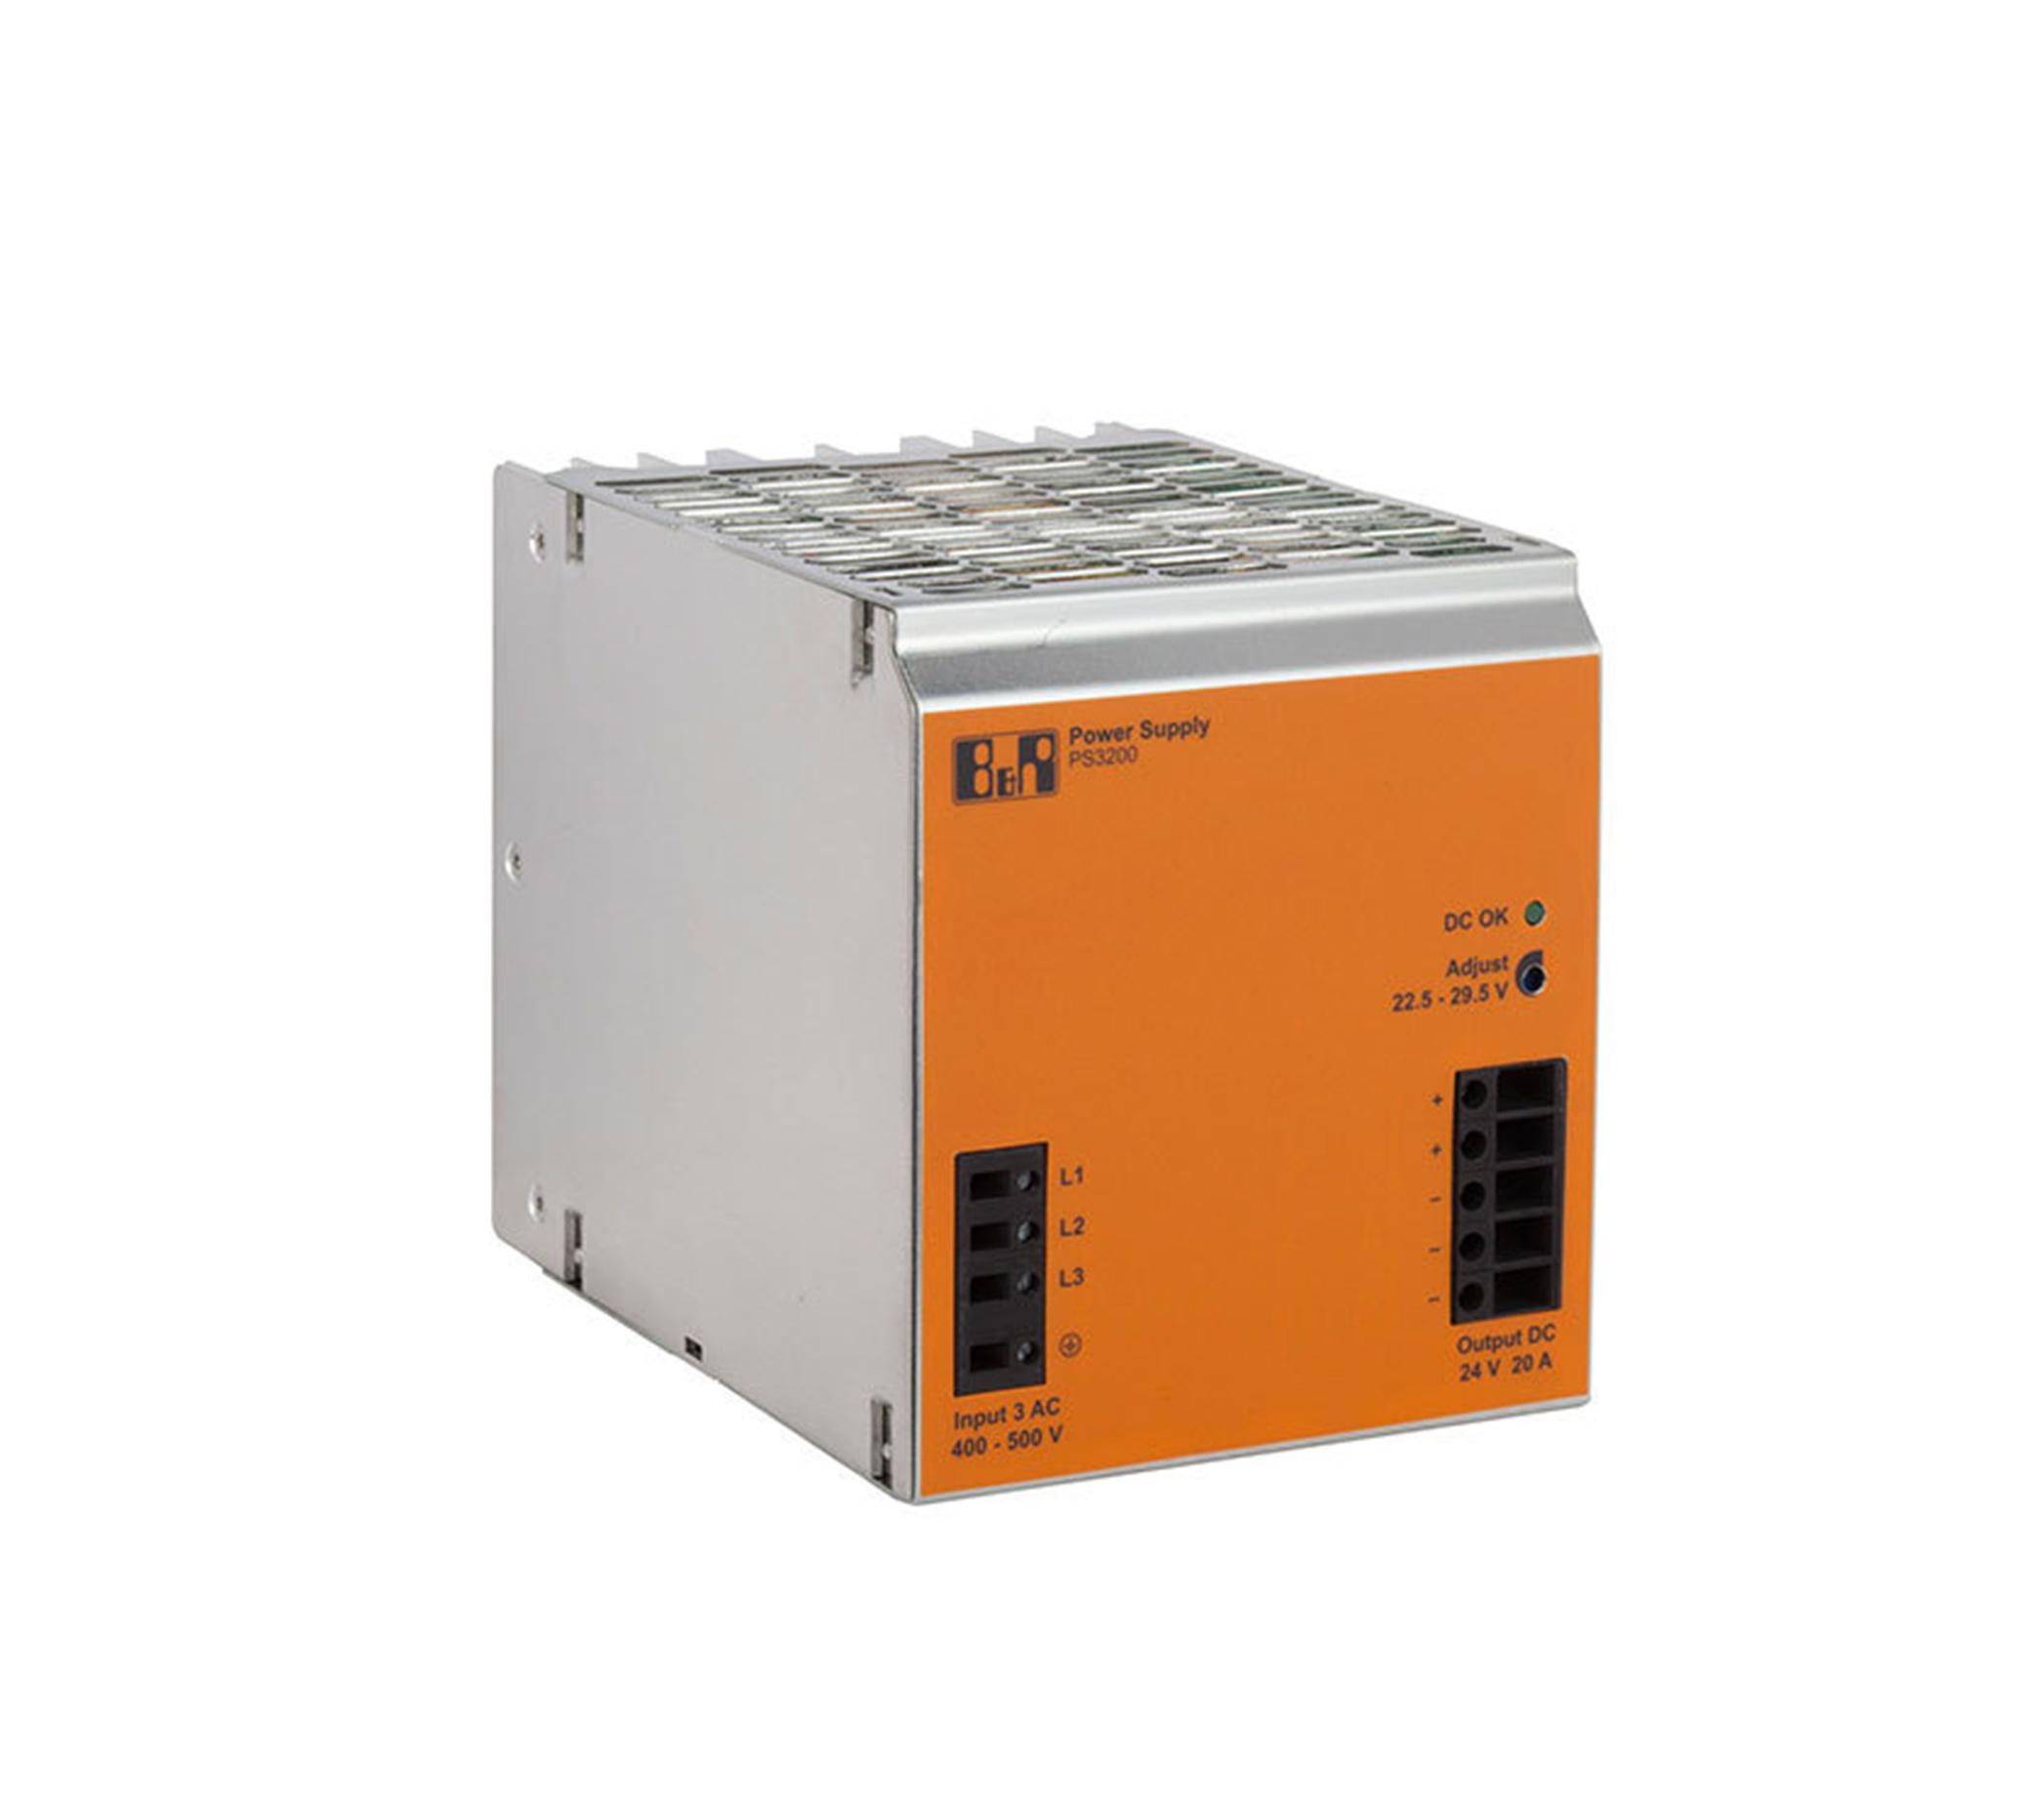 贝加莱OPS3200 电源模块 (特惠价)